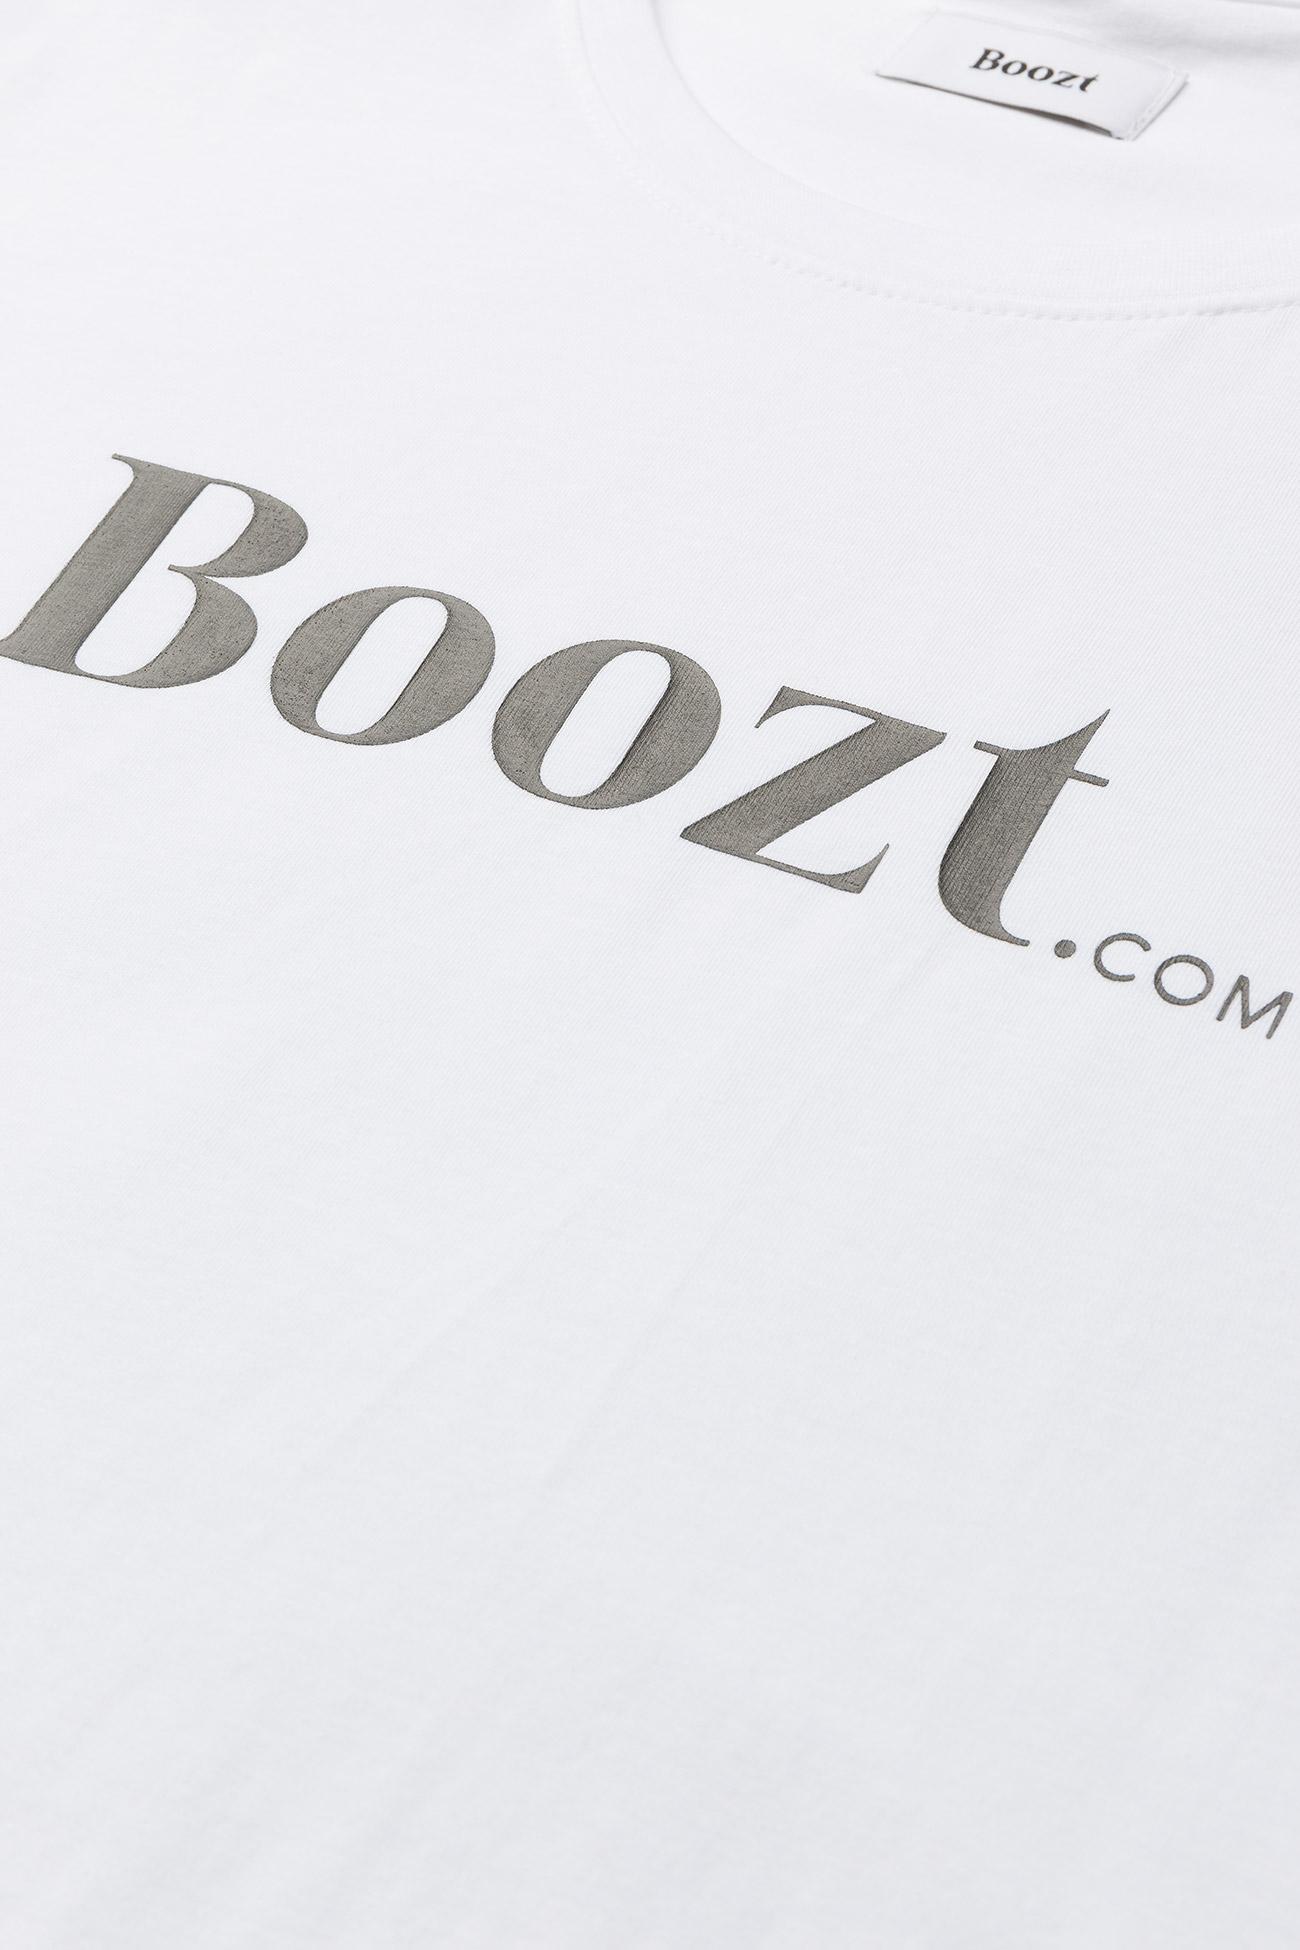 Boozt Merchandise Mens stretch O-neck tee s/s - T-skjorter WHITE - Menn Klær